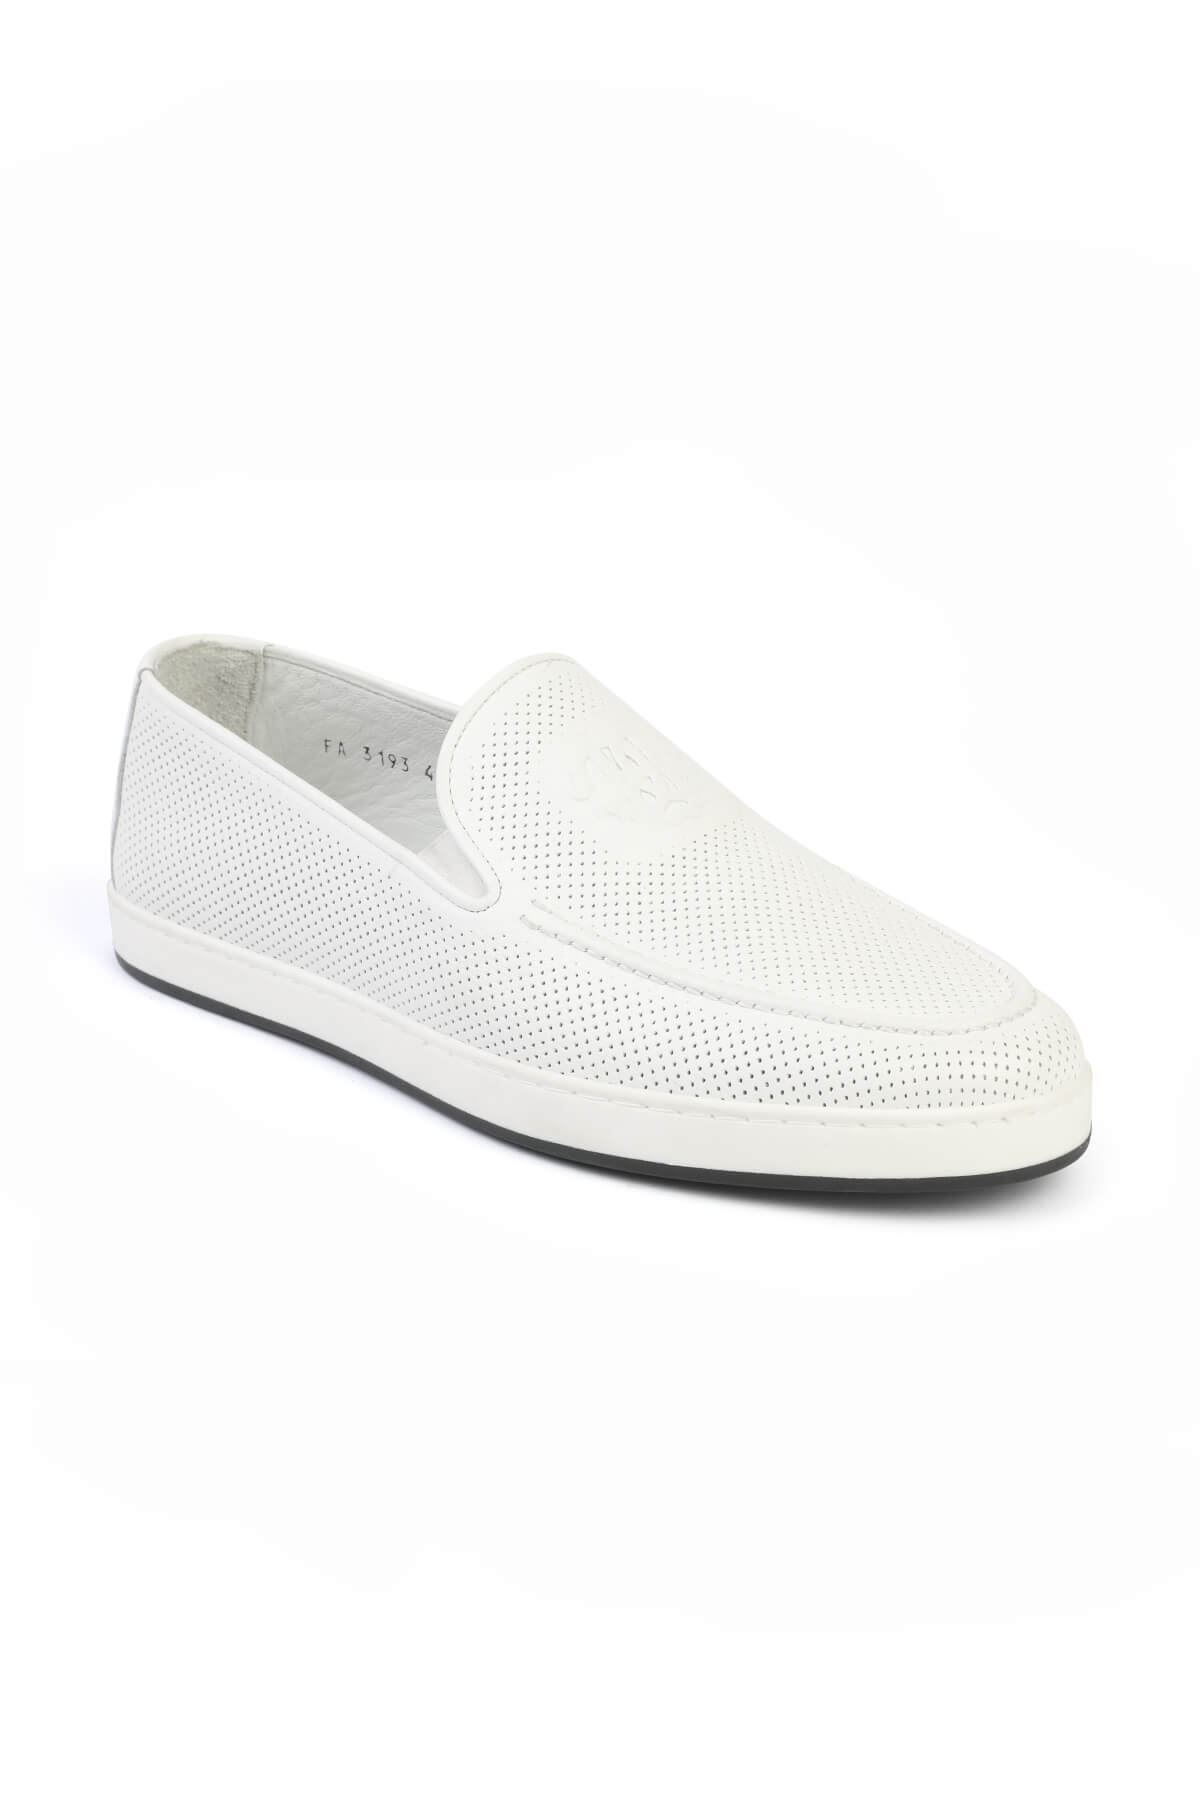 Libero 3193 Beyaz Loafer Ayakkabı